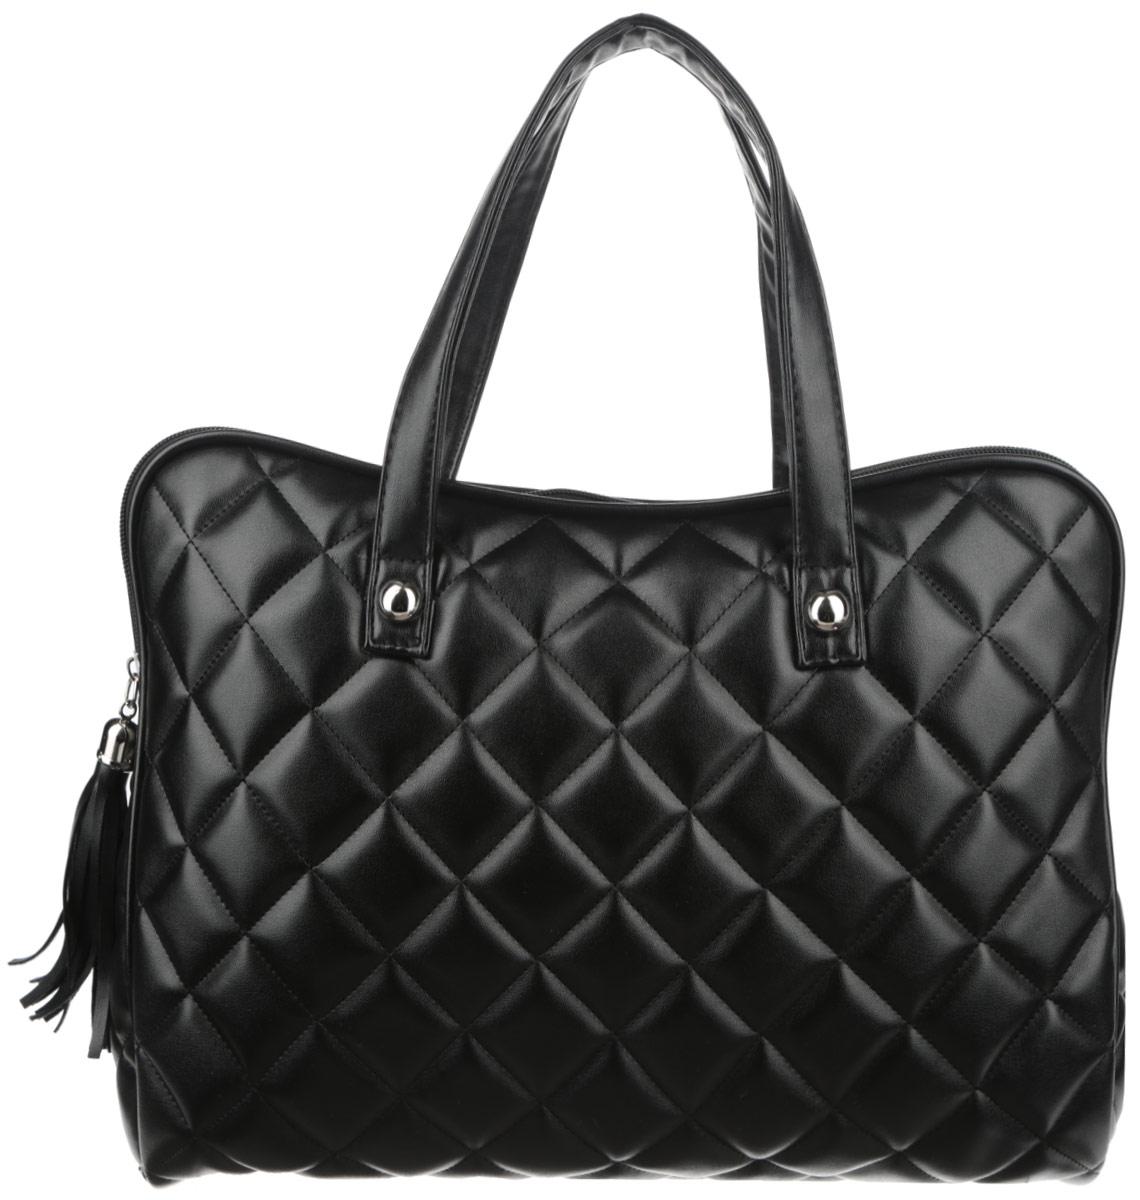 Сумка женская Antan Dress Code, цвет: черный. 3-37/23-37/2_черныйСтильная сумка Antan Dress Code изготовлена из искусственной кожи и оформлена геометрической стежкой. Сумка создана для женщин, ценящих лаконичный дизайн в сочетании с функциональностью. Сумка содержит одно вместительное отделение с двумя нашивными небольшими карманами и закрывается на пластиковую застежку-молнию с фирменным брелоком-кистью. Изделие оснащено двумя практичными ручками, которые дополнены декоративными металлическими элементами. Оригинальный аксессуар позволит вам завершить образ и быть неотразимой.